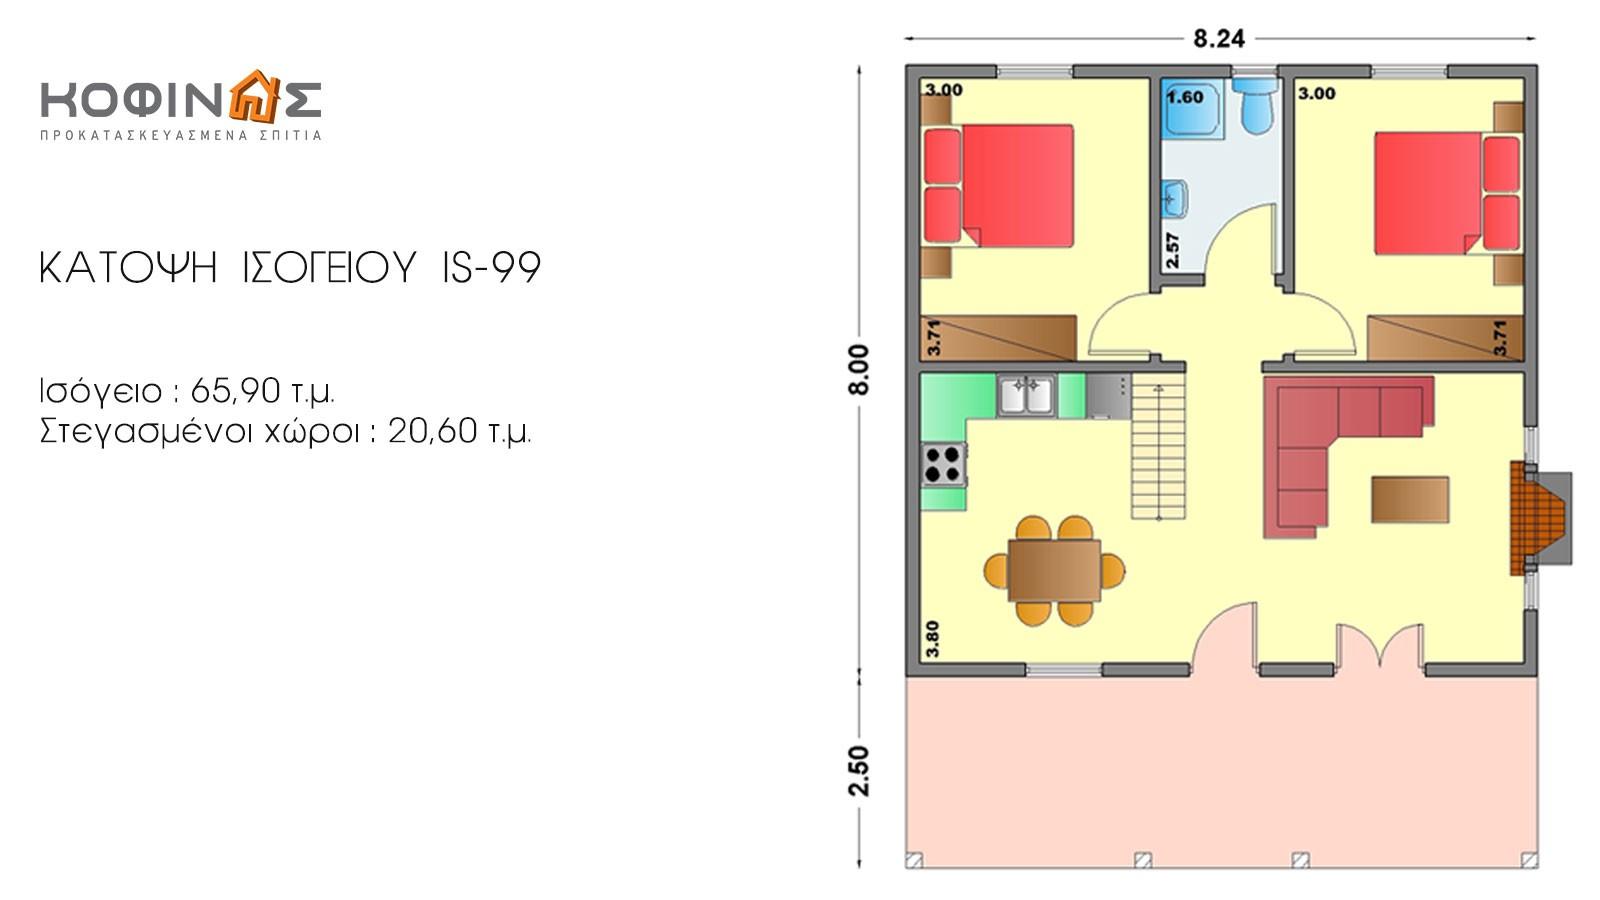 Ισόγεια Κατοικία με Σοφίτα IS-99, συνολικής επιφάνειας 99,10 τ.μ.